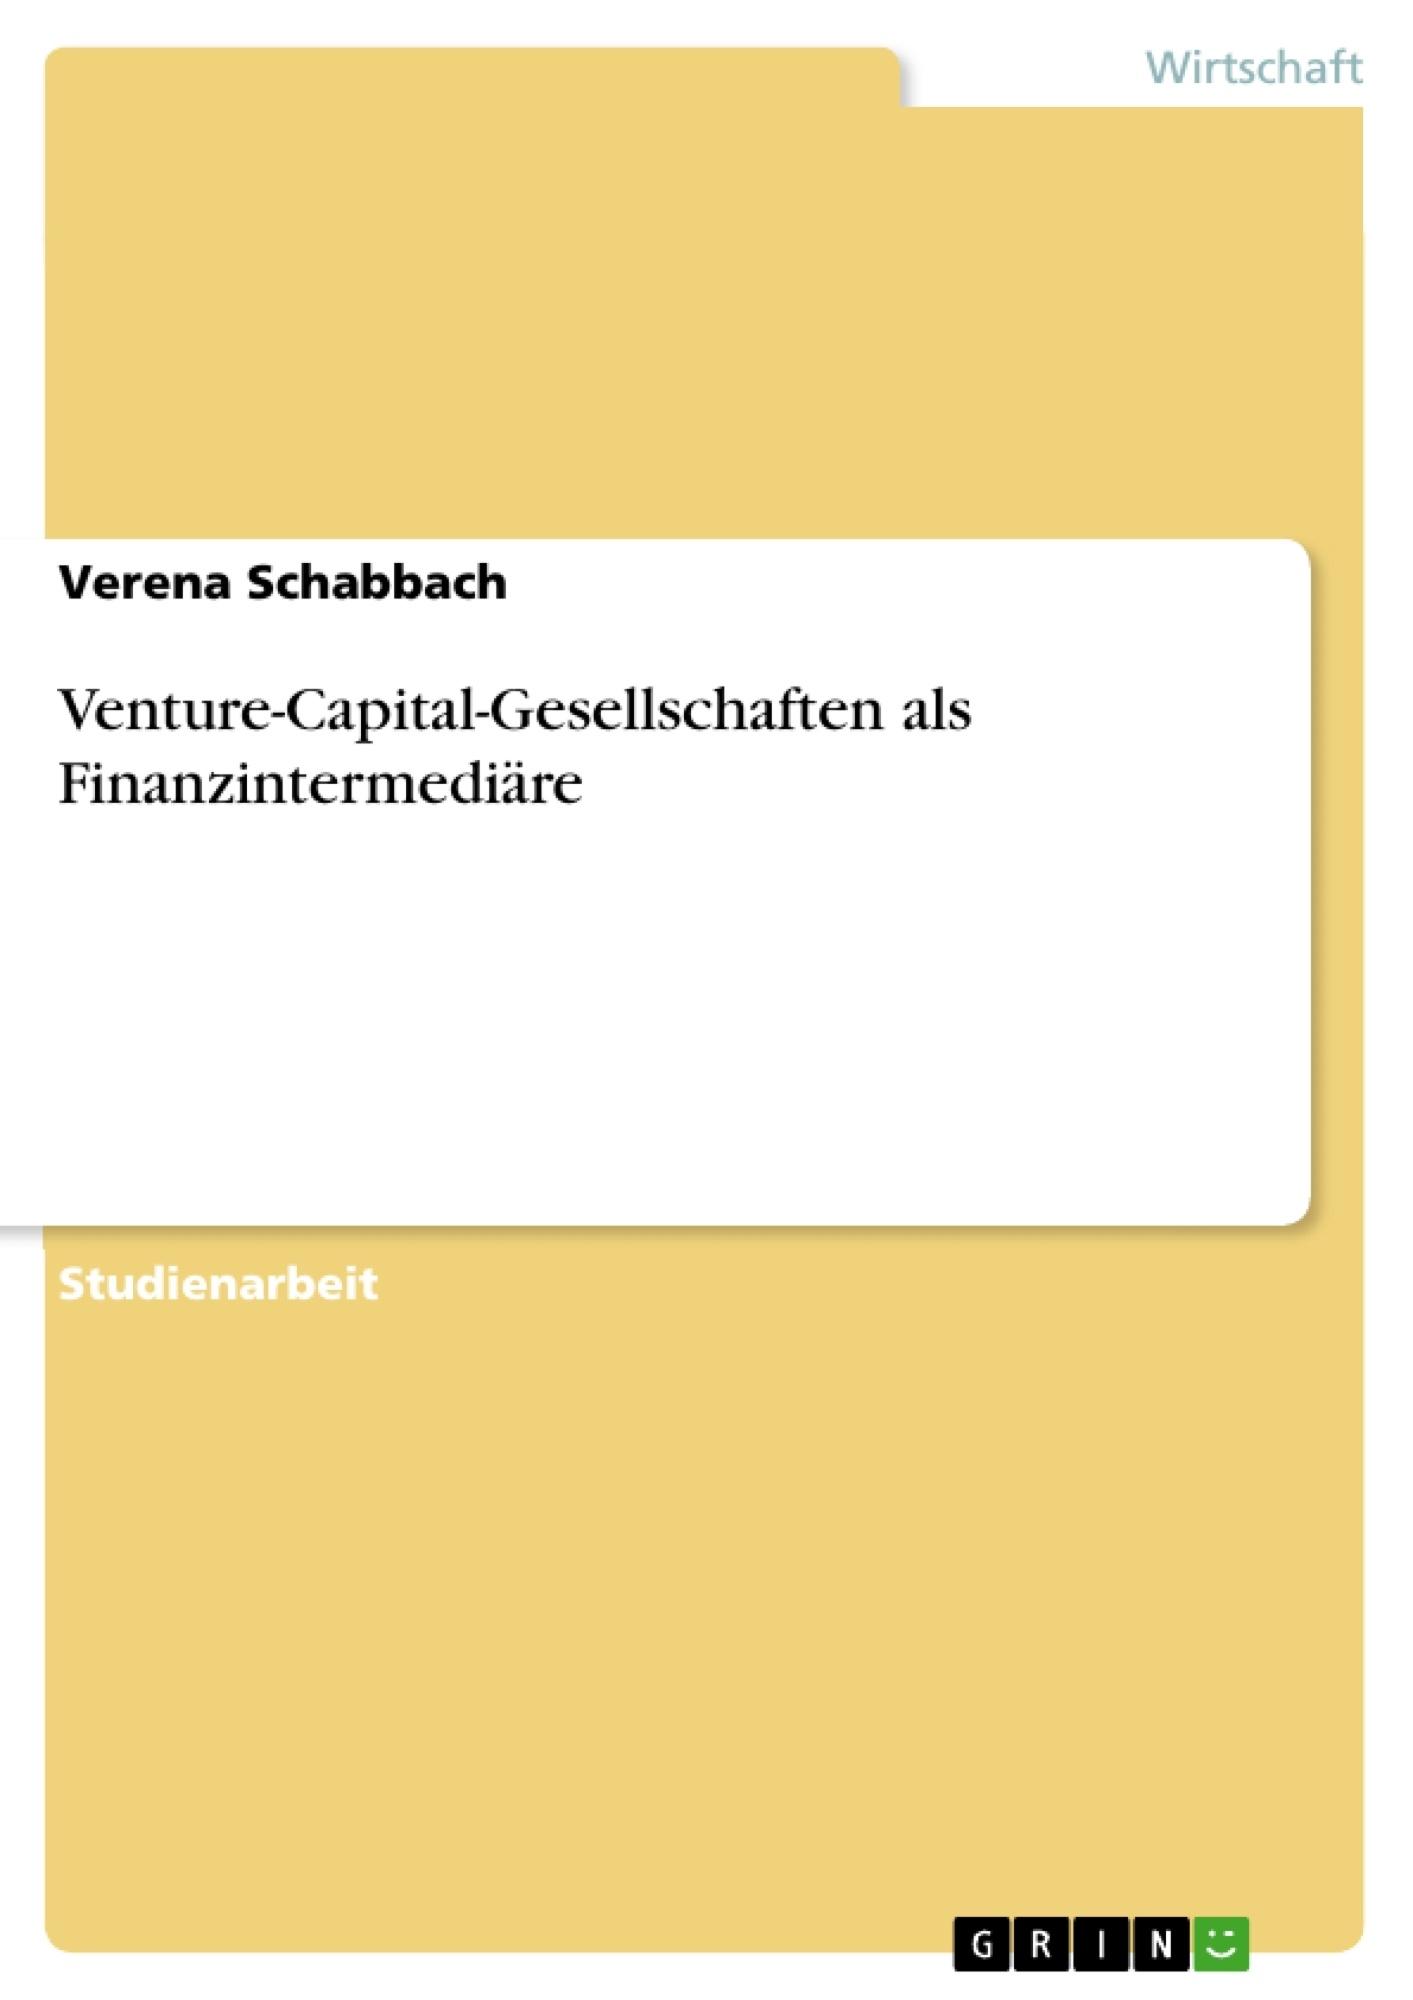 Titel: Venture-Capital-Gesellschaften als Finanzintermediäre